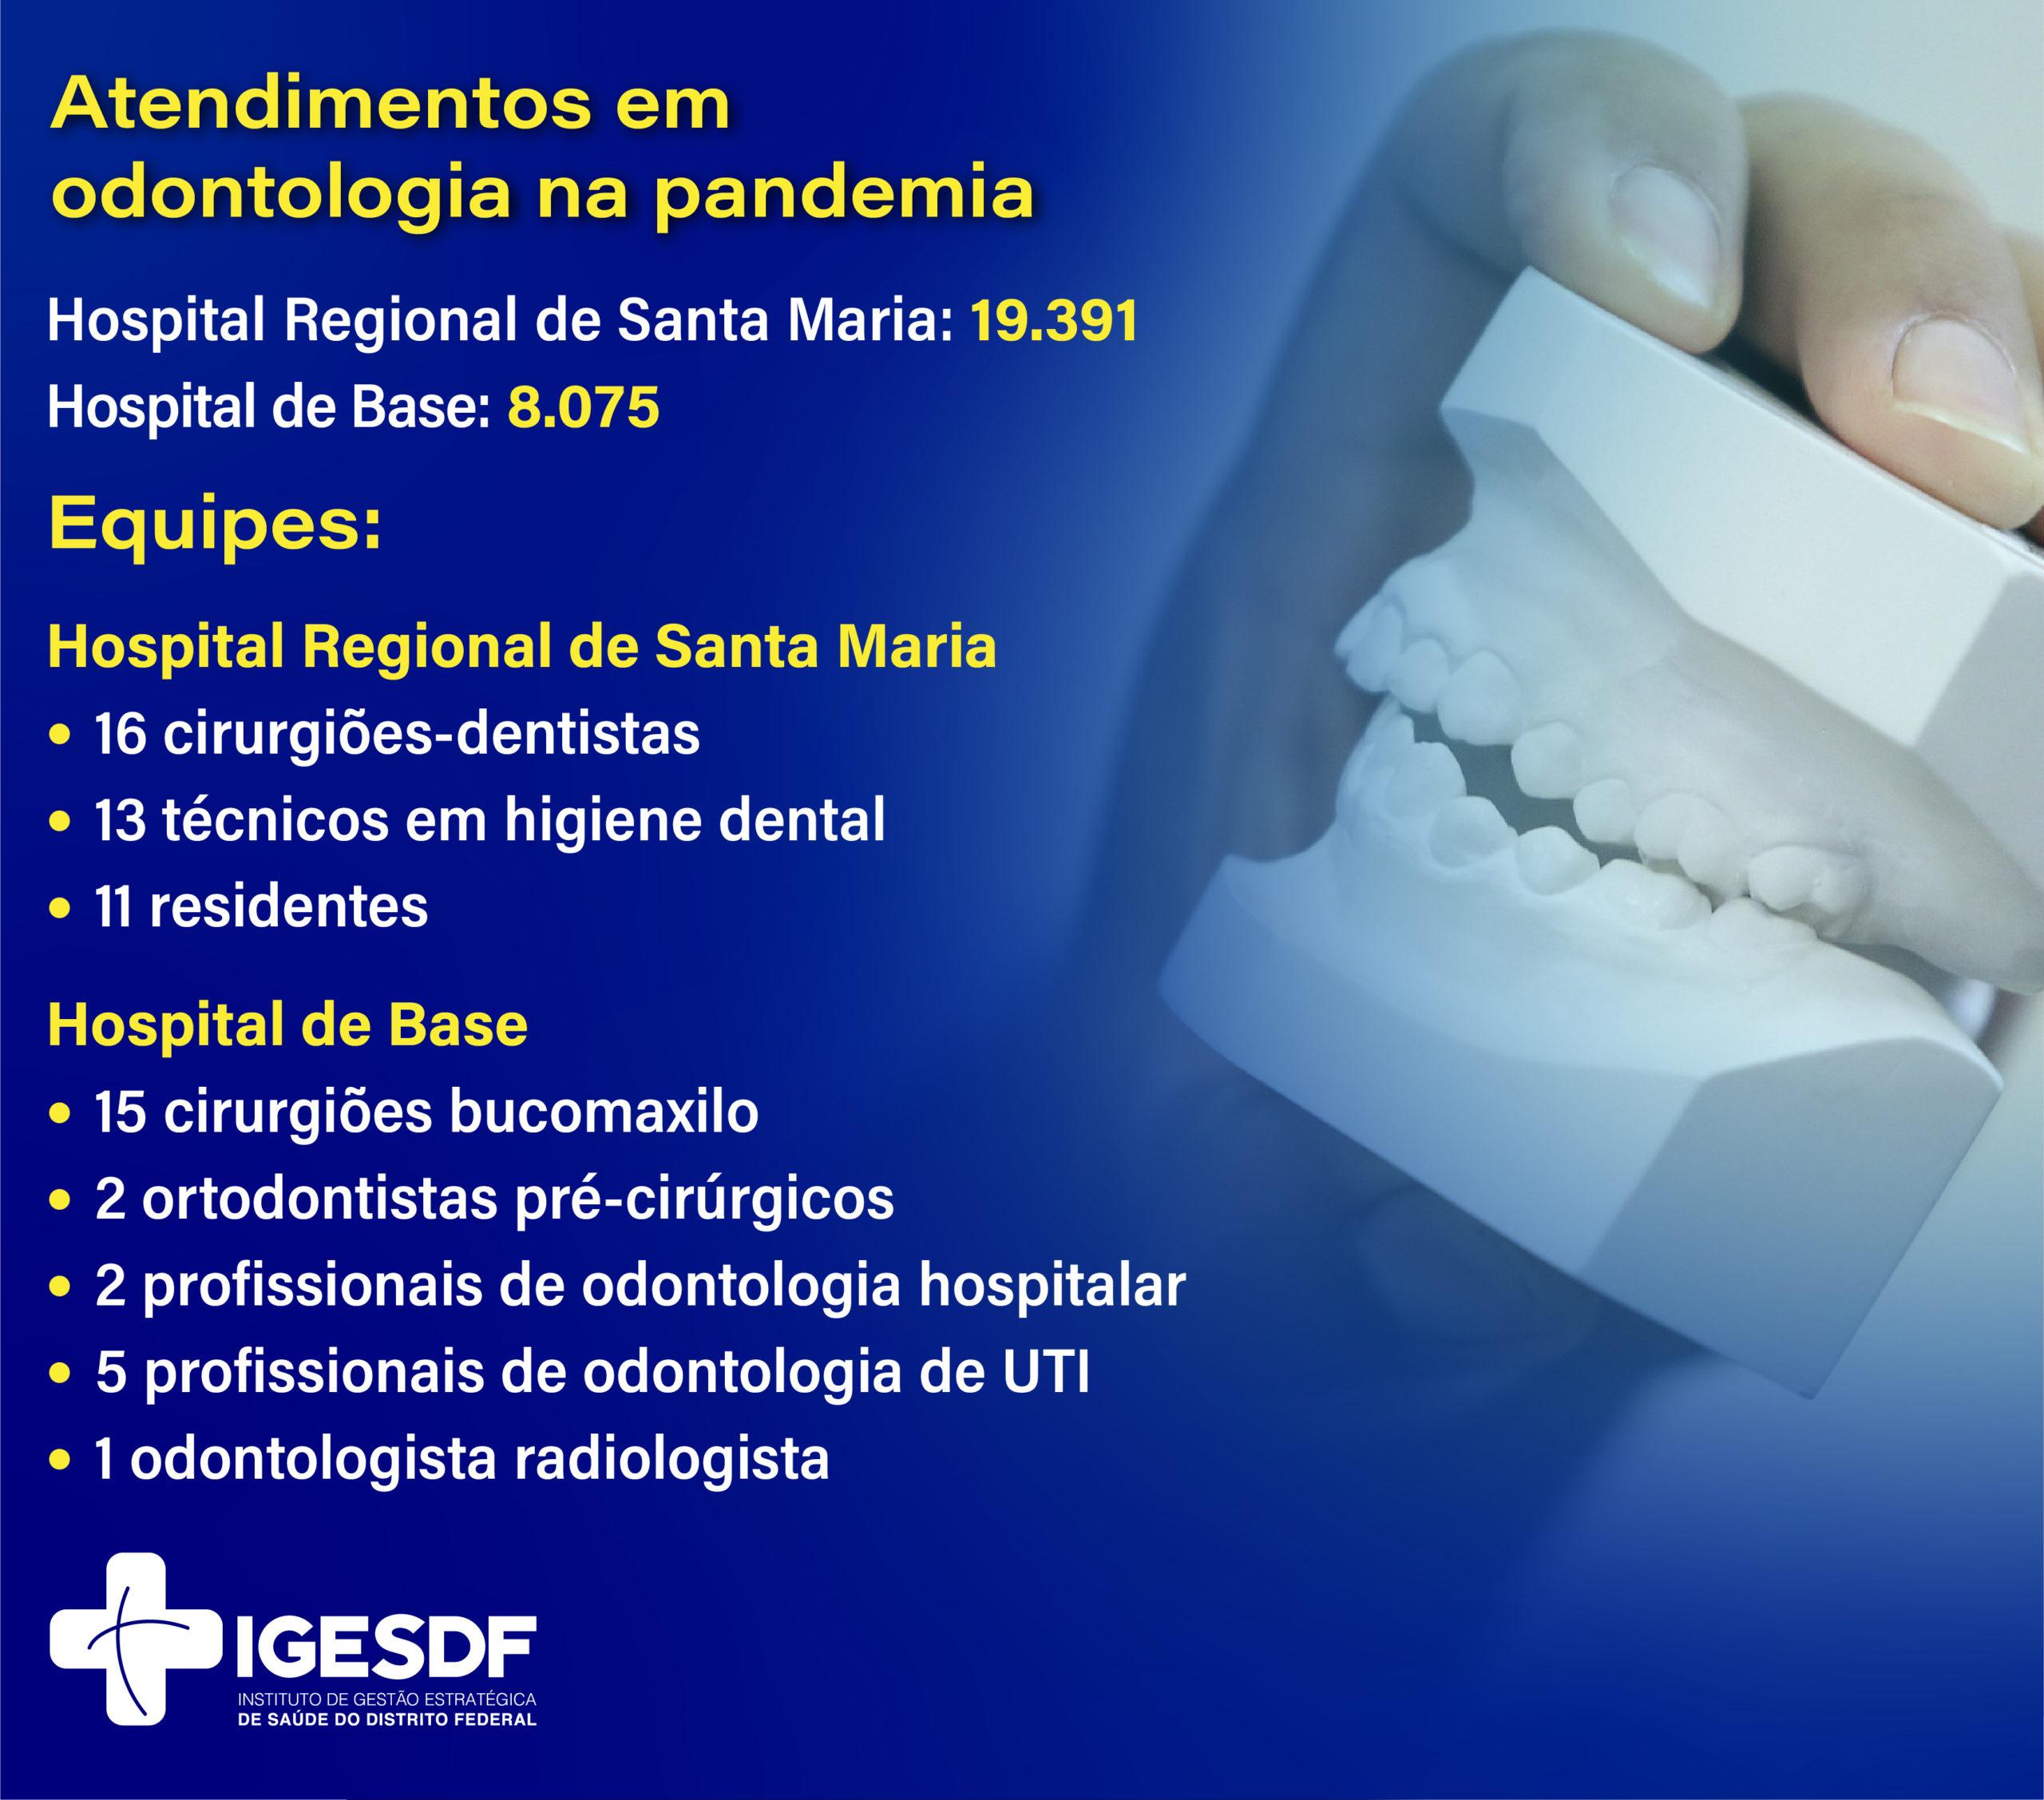 atendimentos odontológicos na pandemia números do Iges-DF